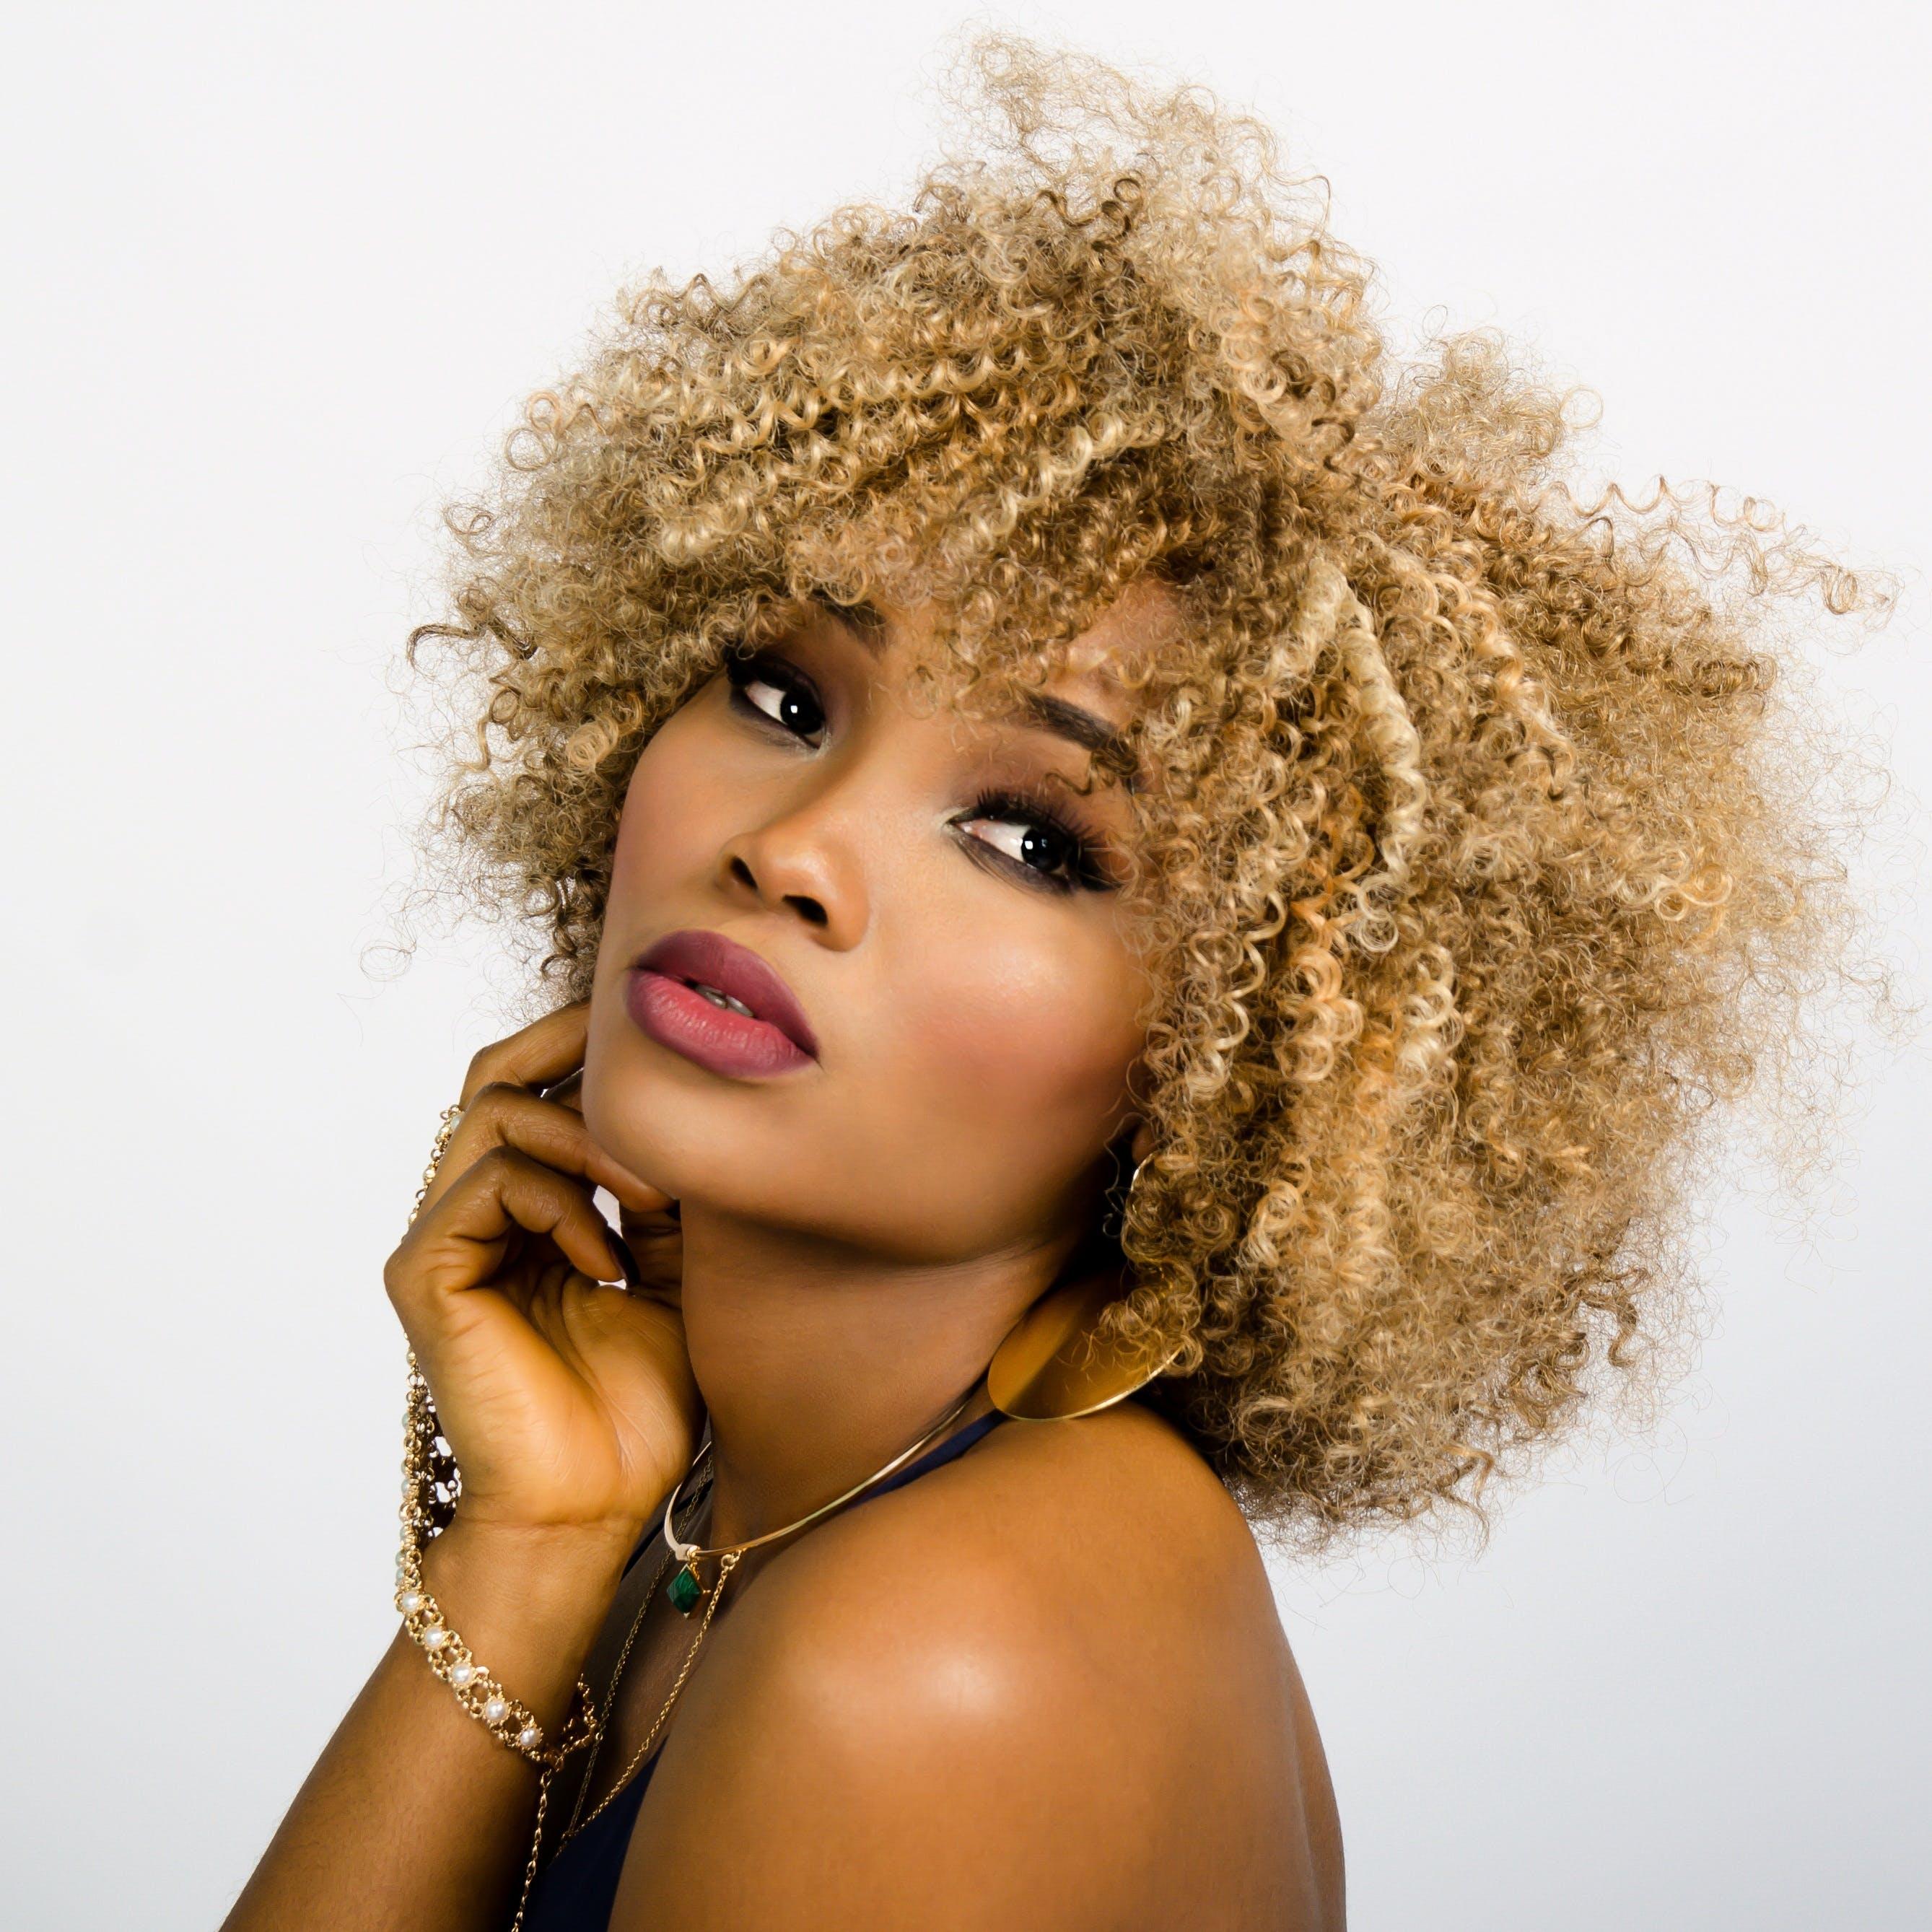 Бесплатное стоковое фото с Афро, волос, девочка, женщина